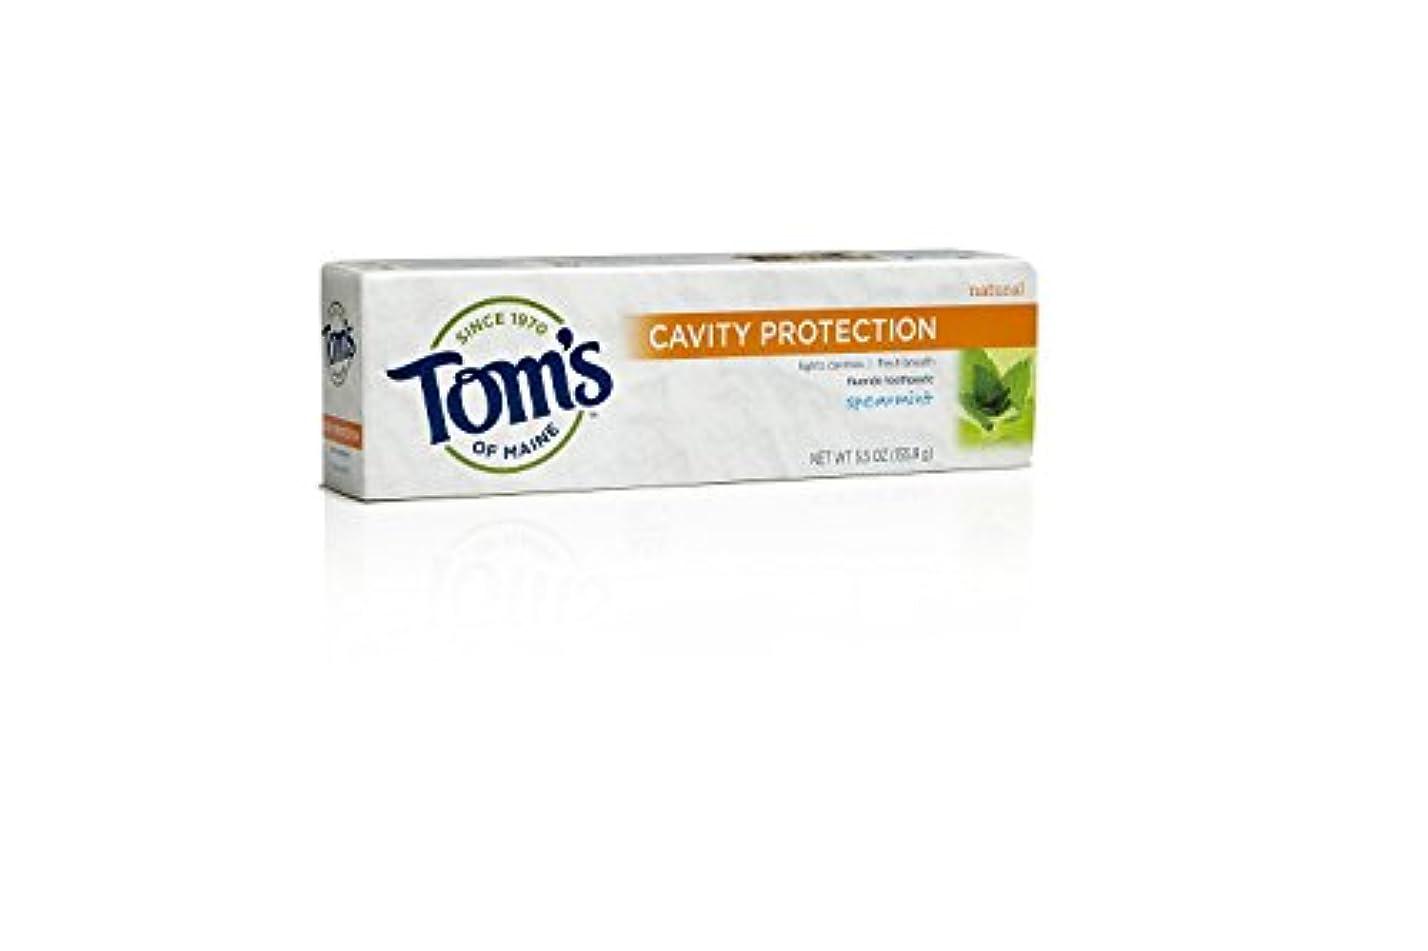 友だち害虫外交官Tom's of Maine, Cavity Protection Fluoride Toothpaste, Spearmint, 5.5 oz (155.9 g)